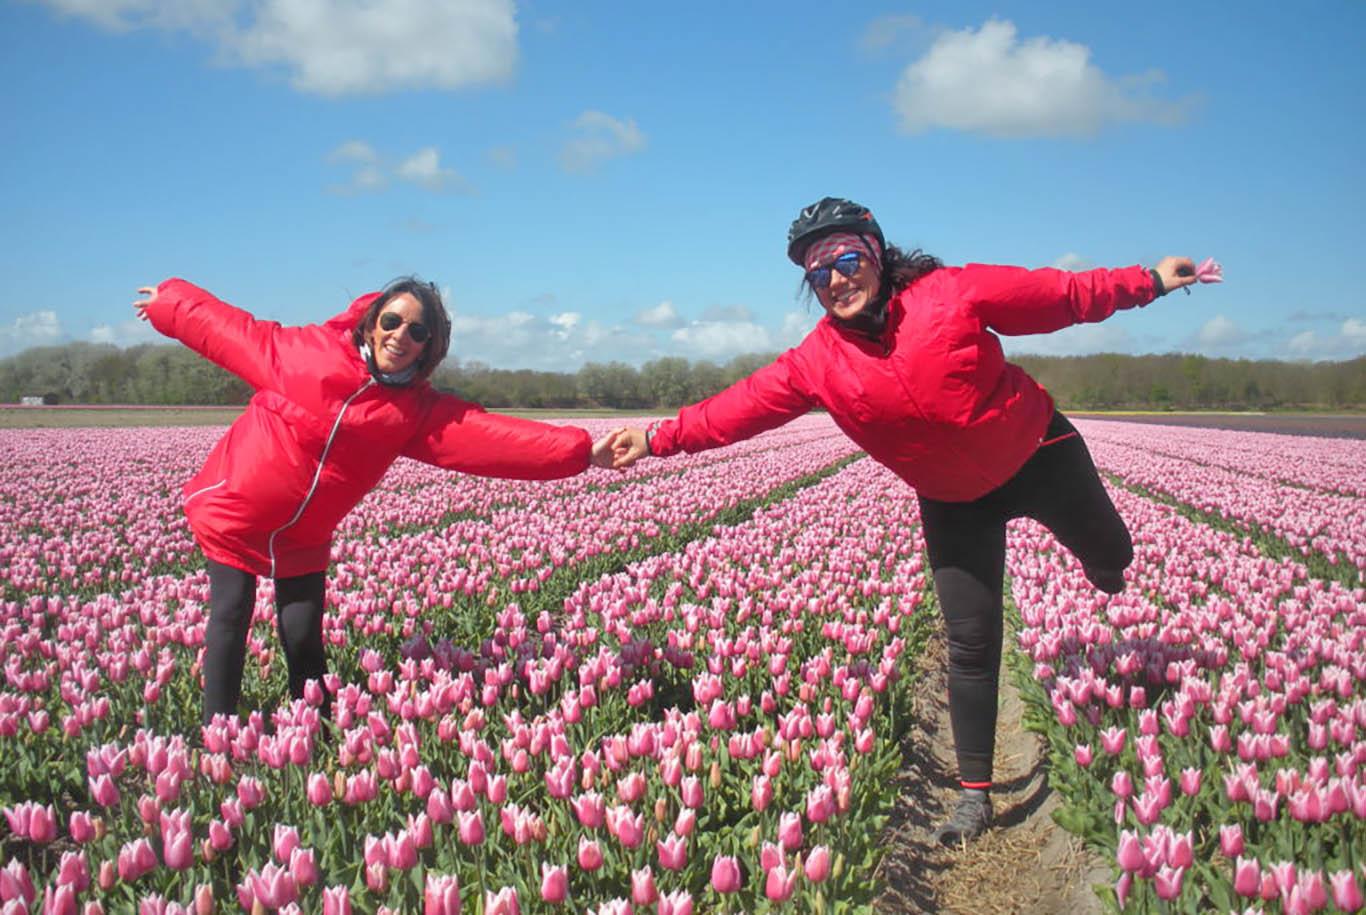 bici-e-barca-in-olanda-tulipani-girolibero-zeppelin-tulipani-girolibero-zeppelin